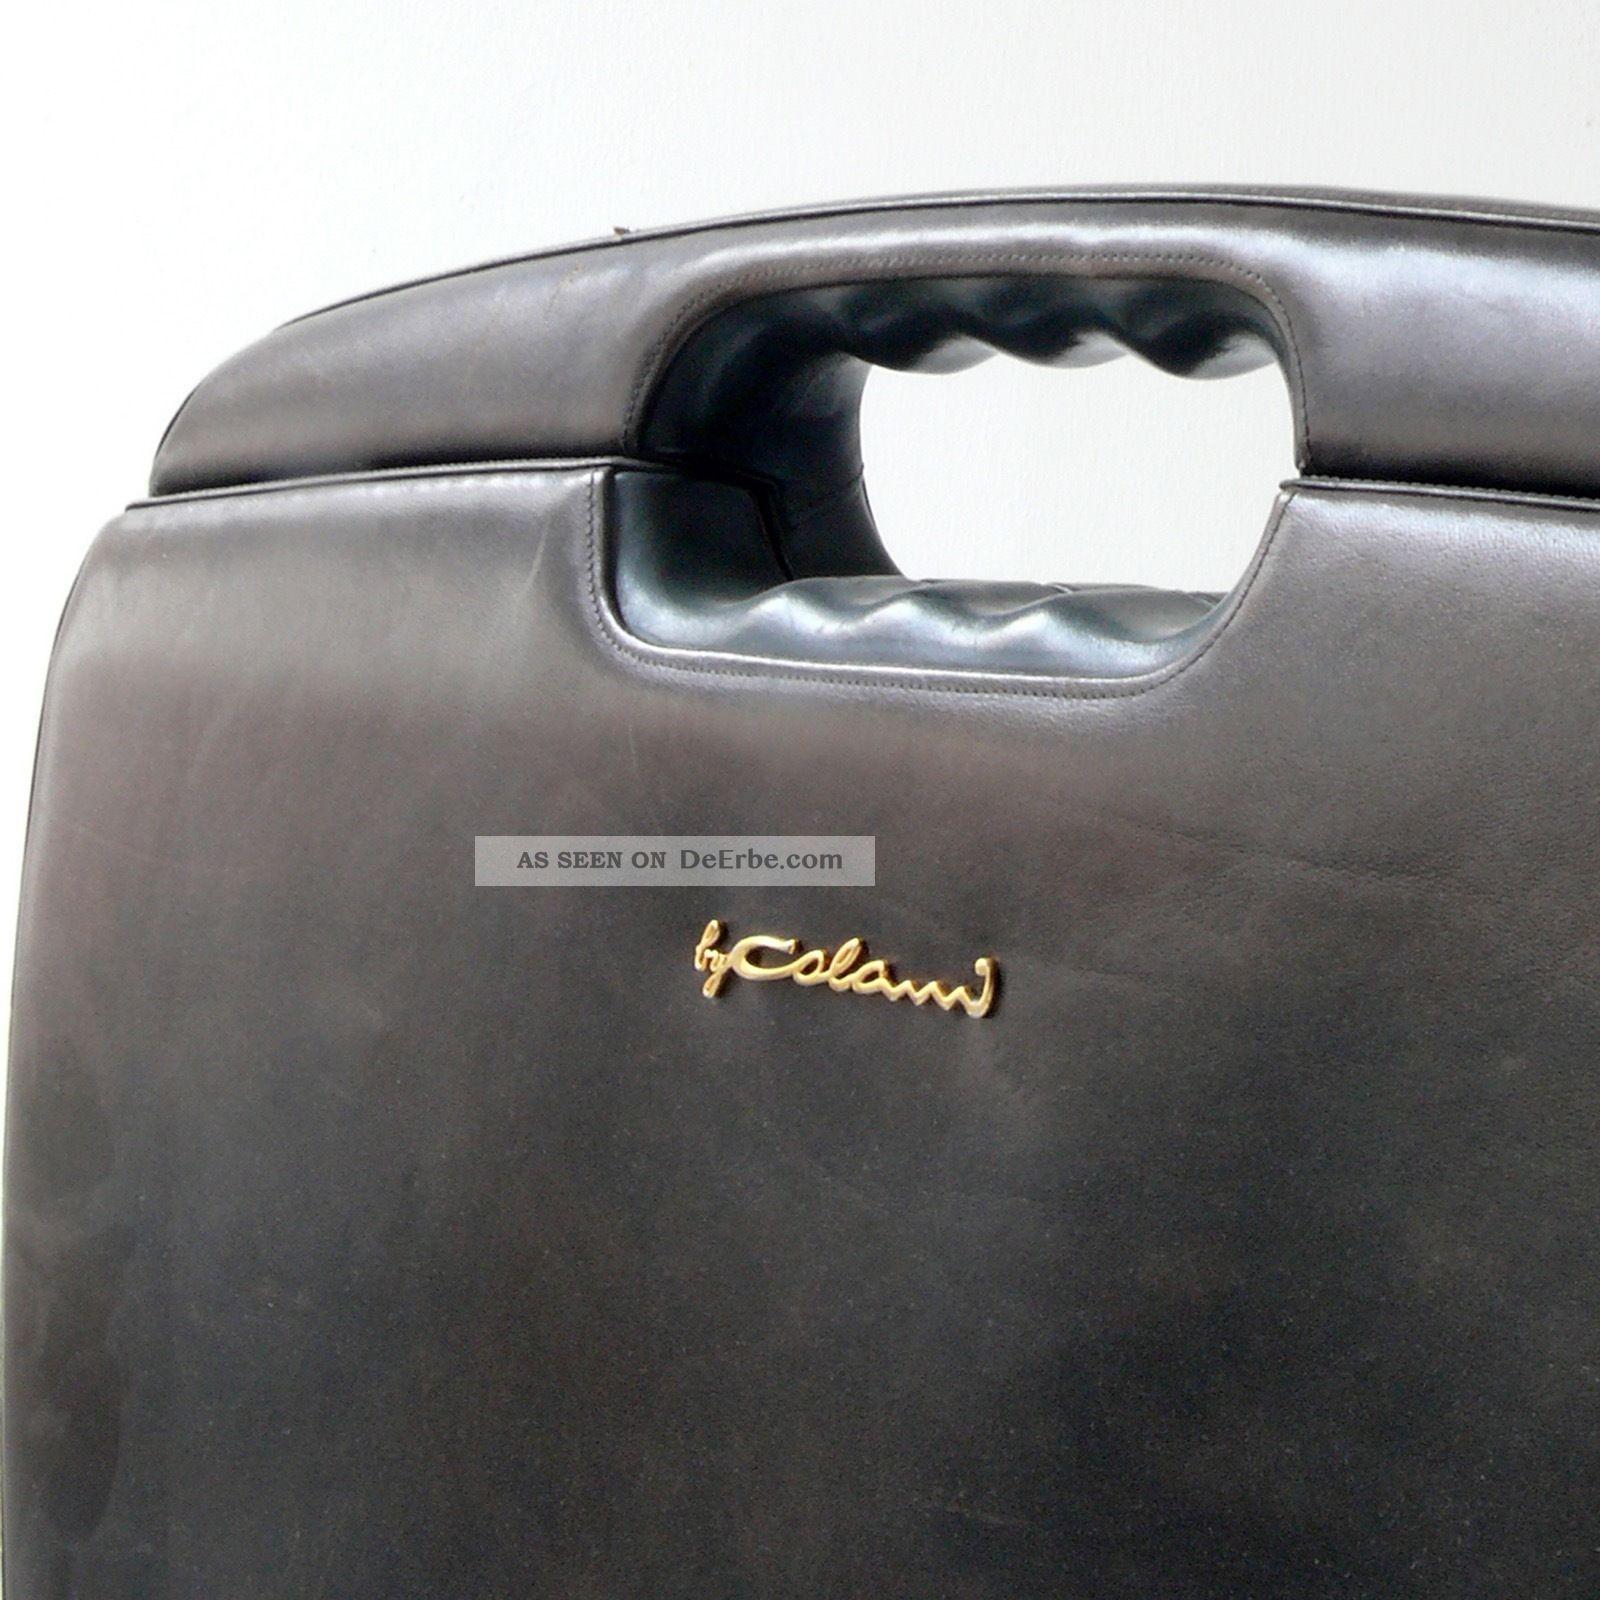 Aktenkoffer Briefcase Luigi Colani Grünes Leder Etienne Aigner Biomorphic Design 1970-1979 Bild